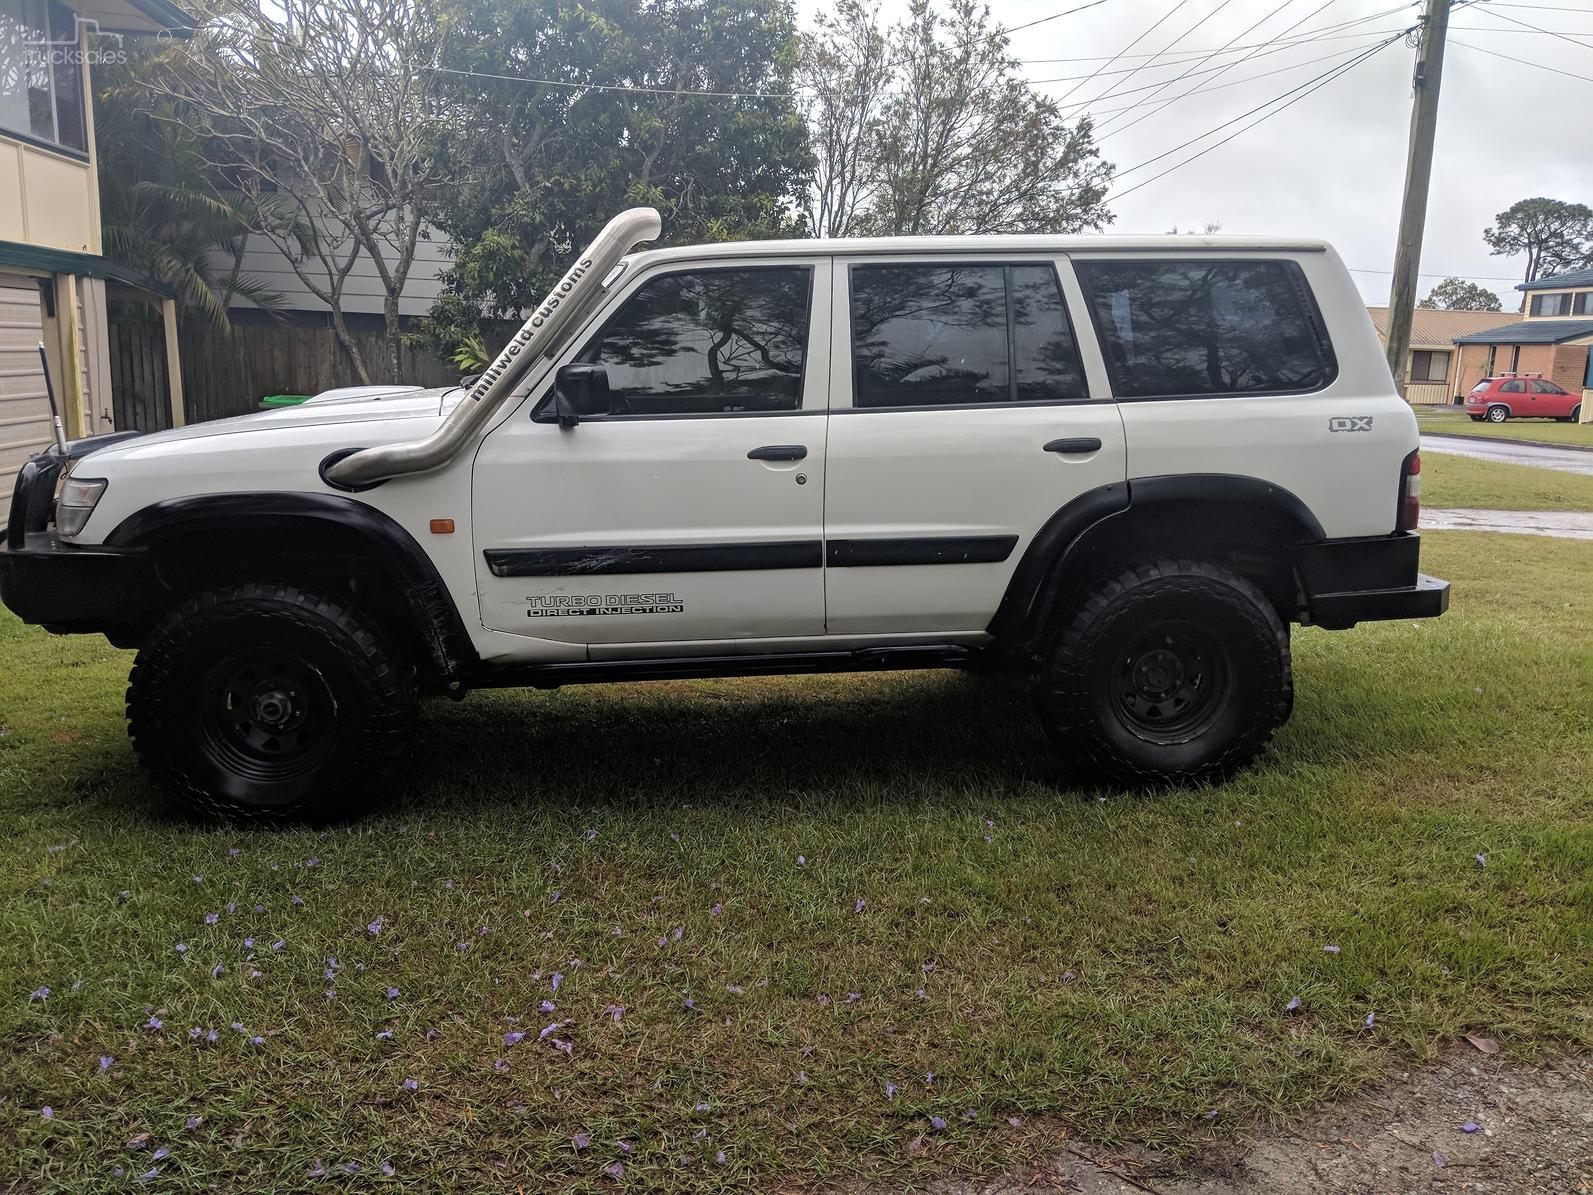 2001 Nissan Patrol DX GU III Manual 4x4 MY02-SSE-AD-5893483